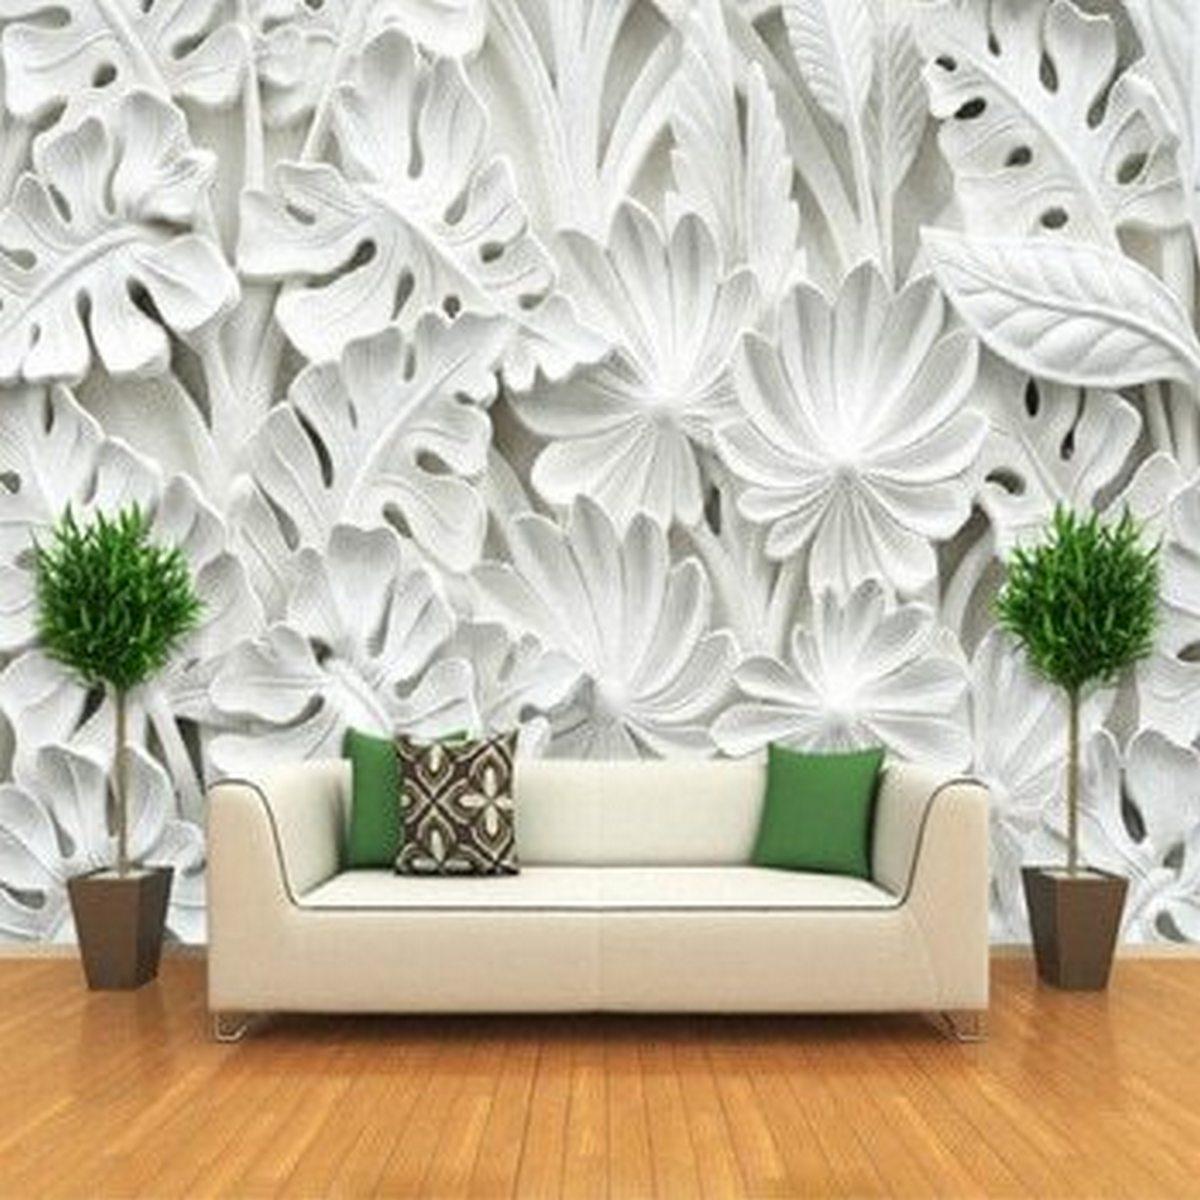 дизайн гостиной с белыми стенами 3д лепнина